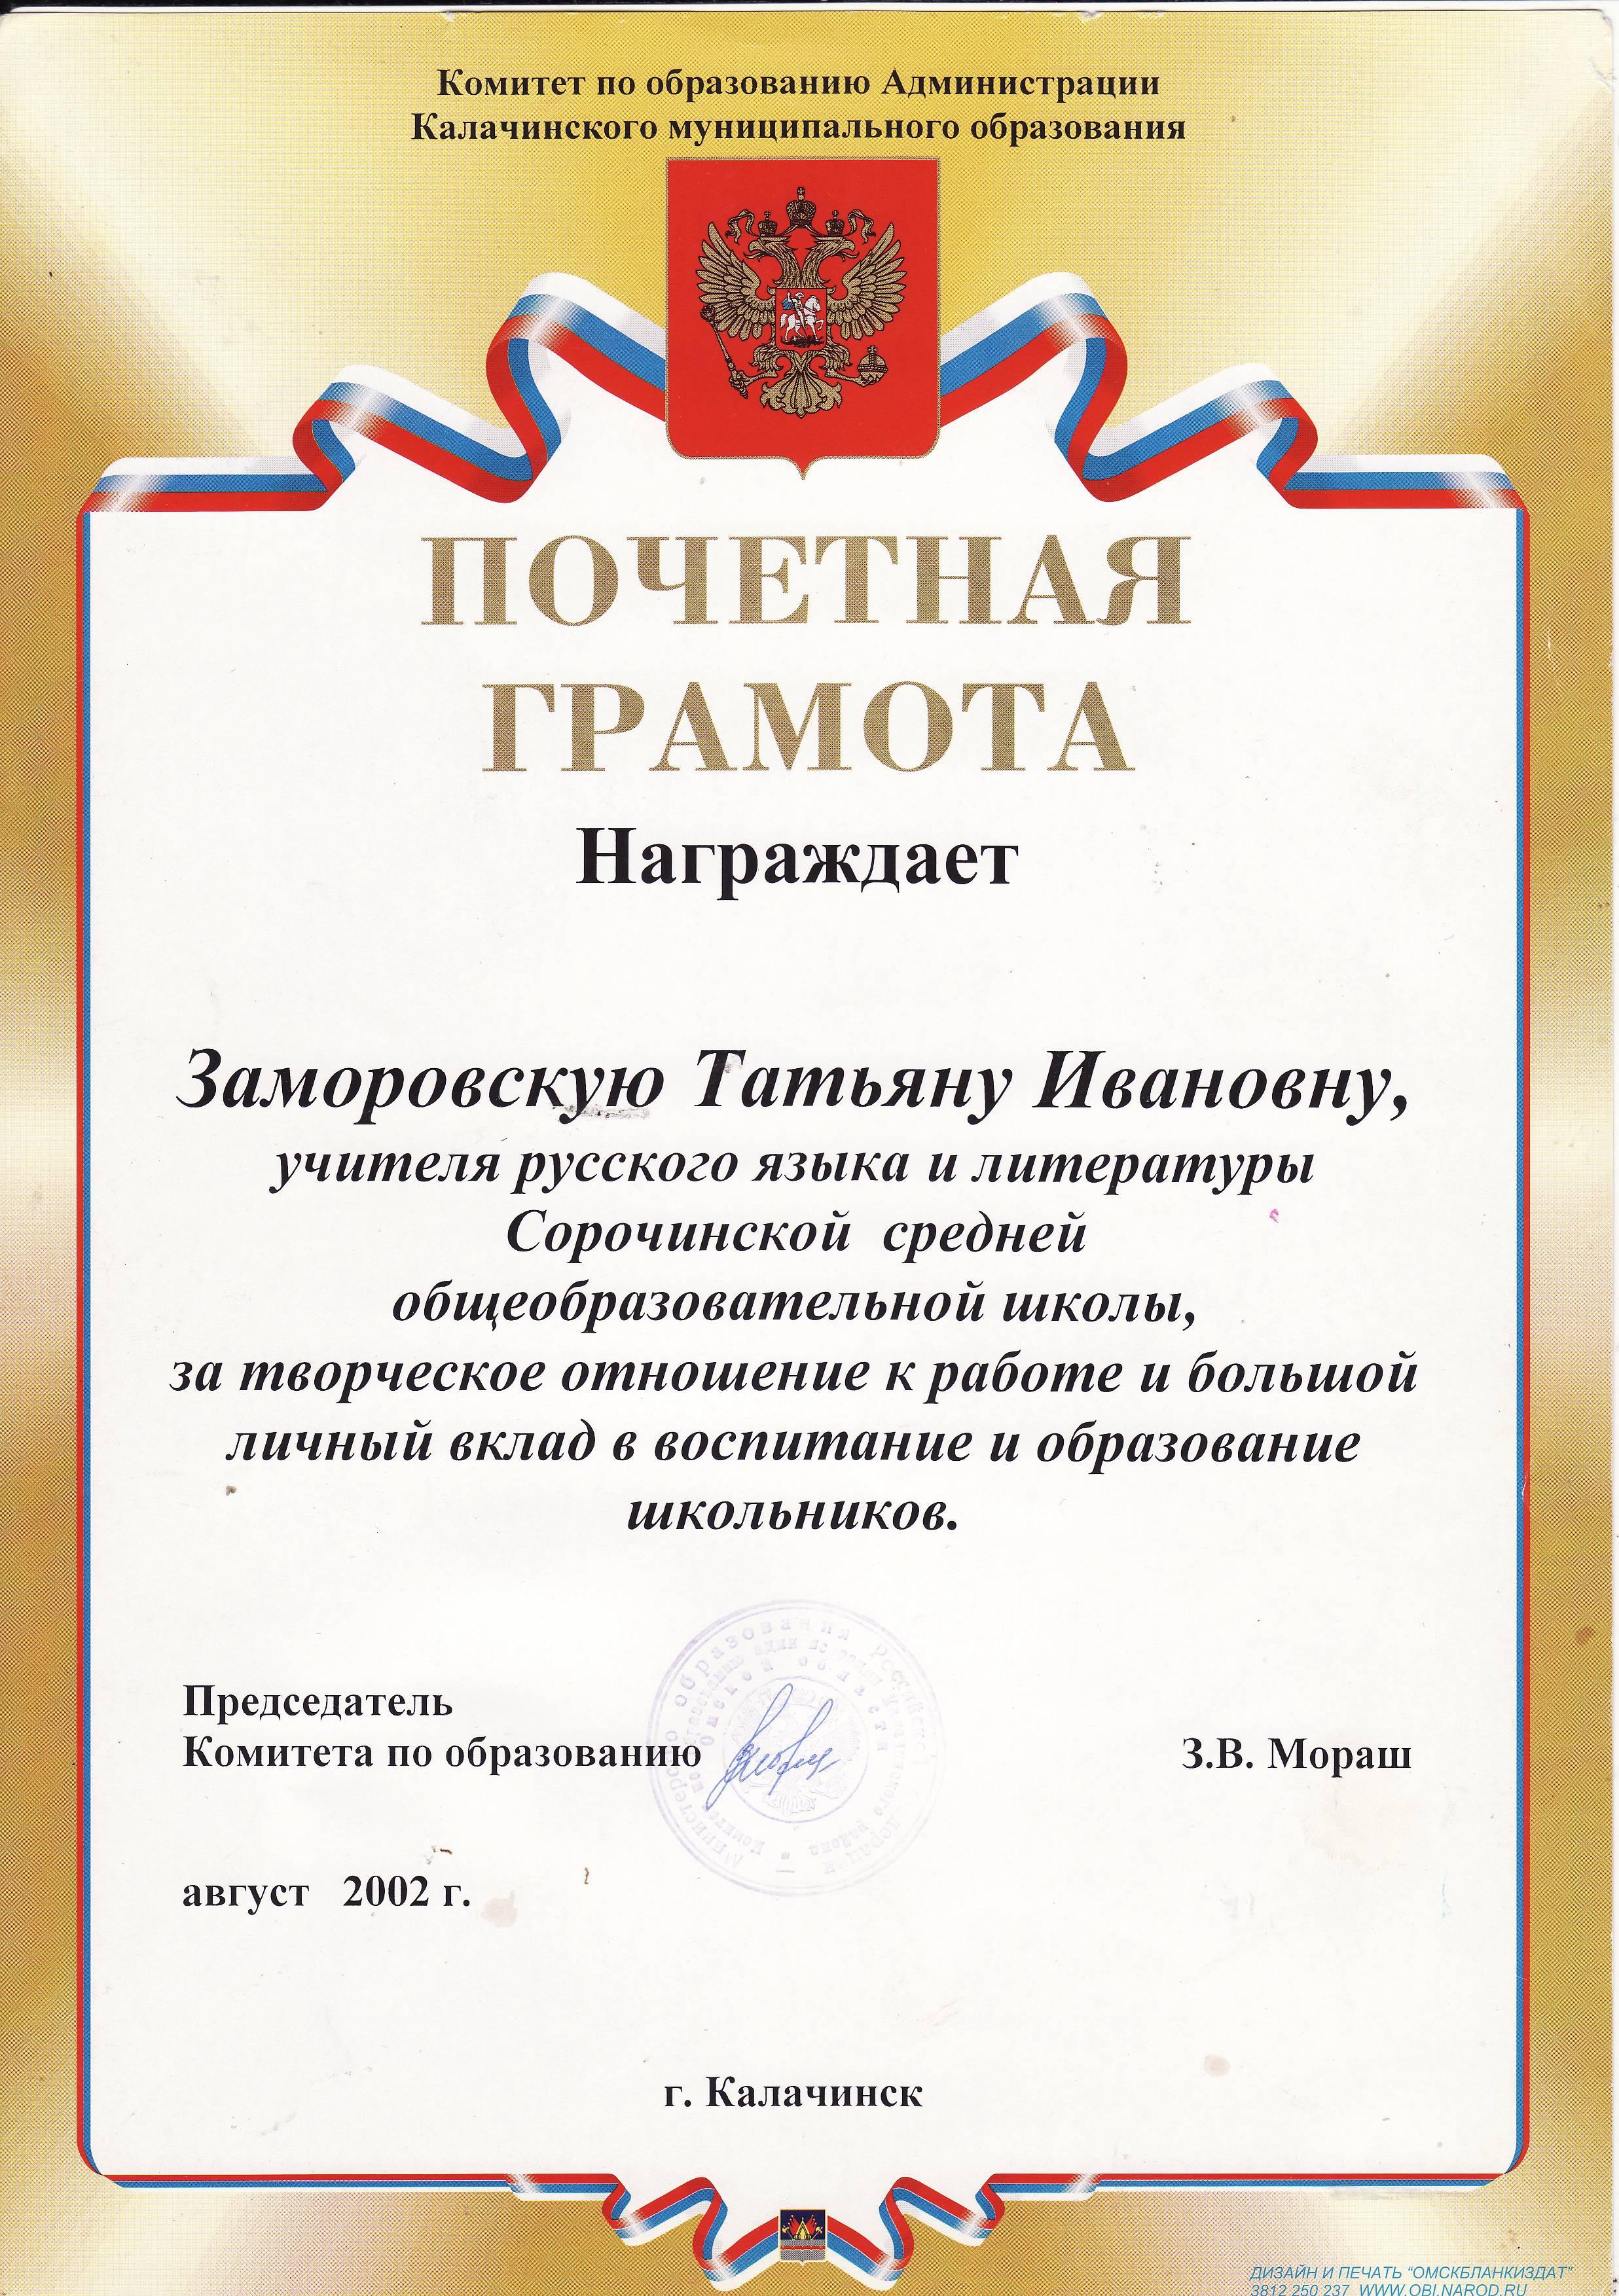 Образцы текстов почетной грамоты logiki-net. Ru.